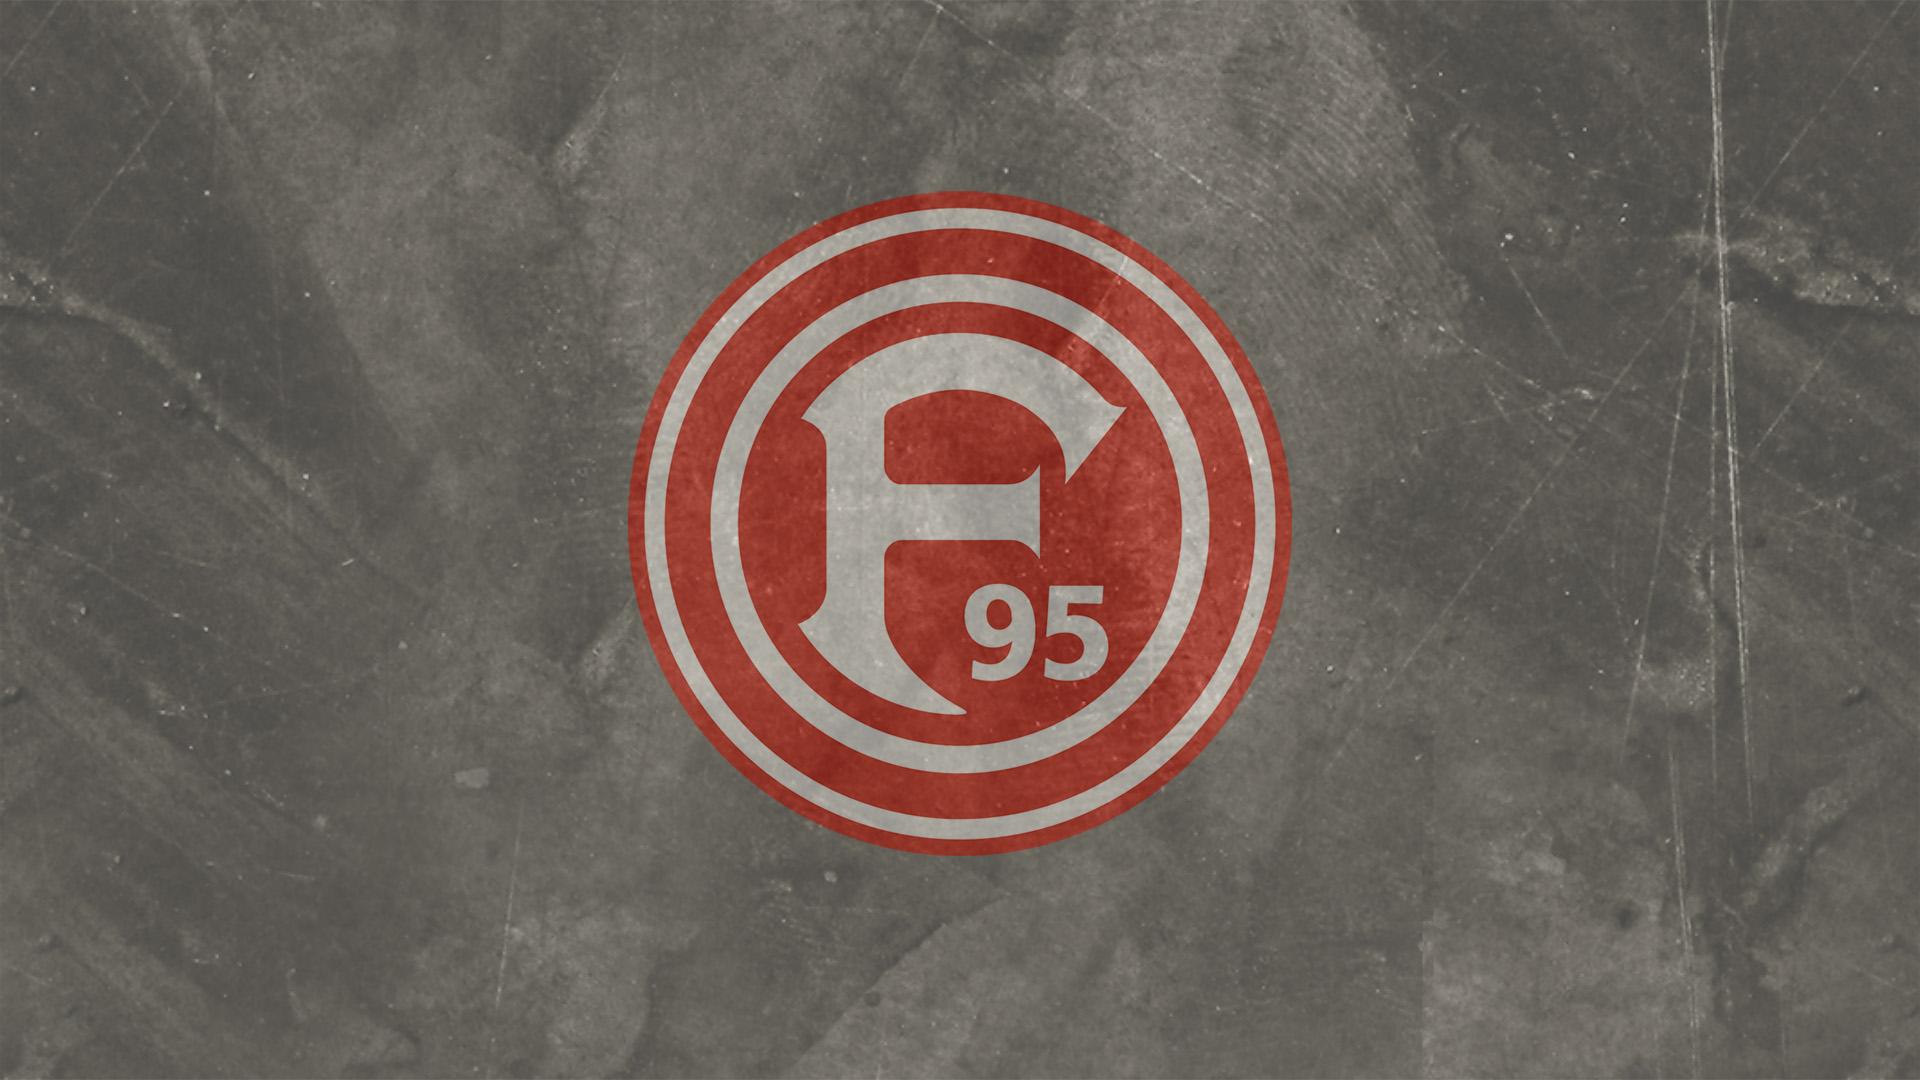 Hertha BSC \u2013 F95 | Ultras D\u00fcsseldorf 2000